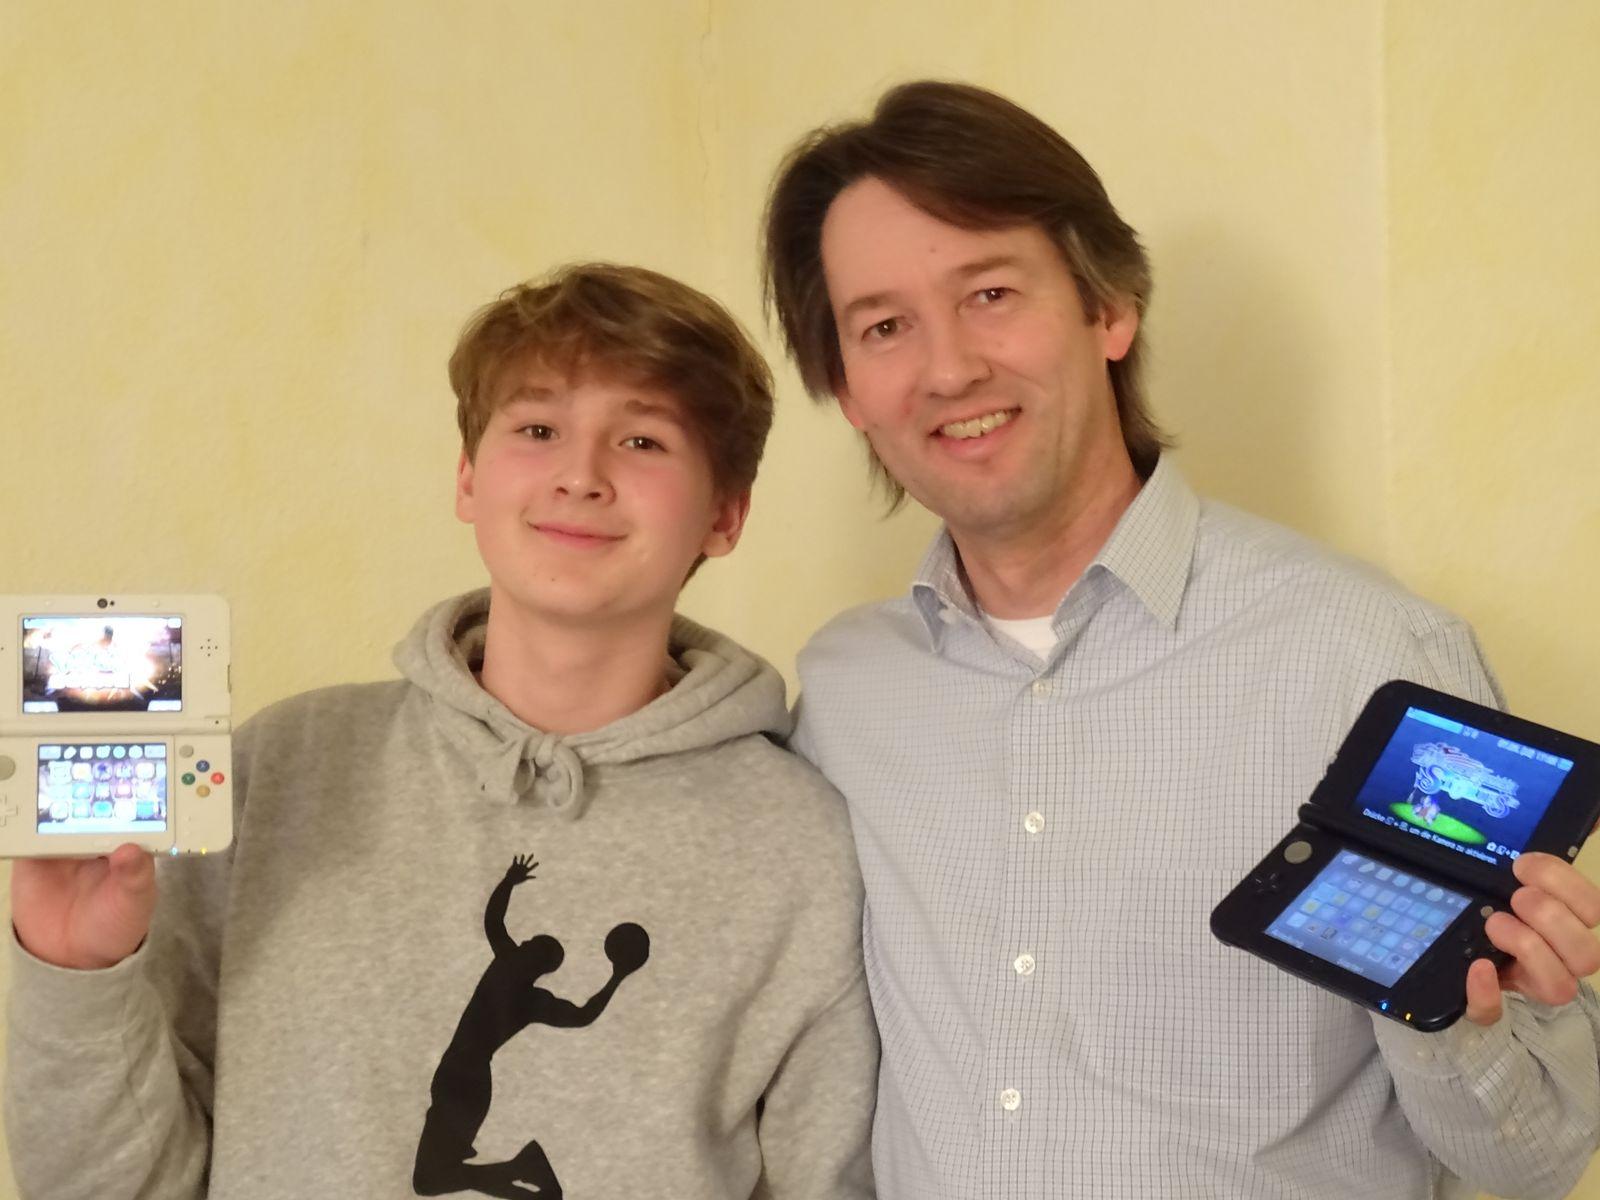 Netzwelt/ Zockende Eltern/ Thomas und Benjamin Haaks